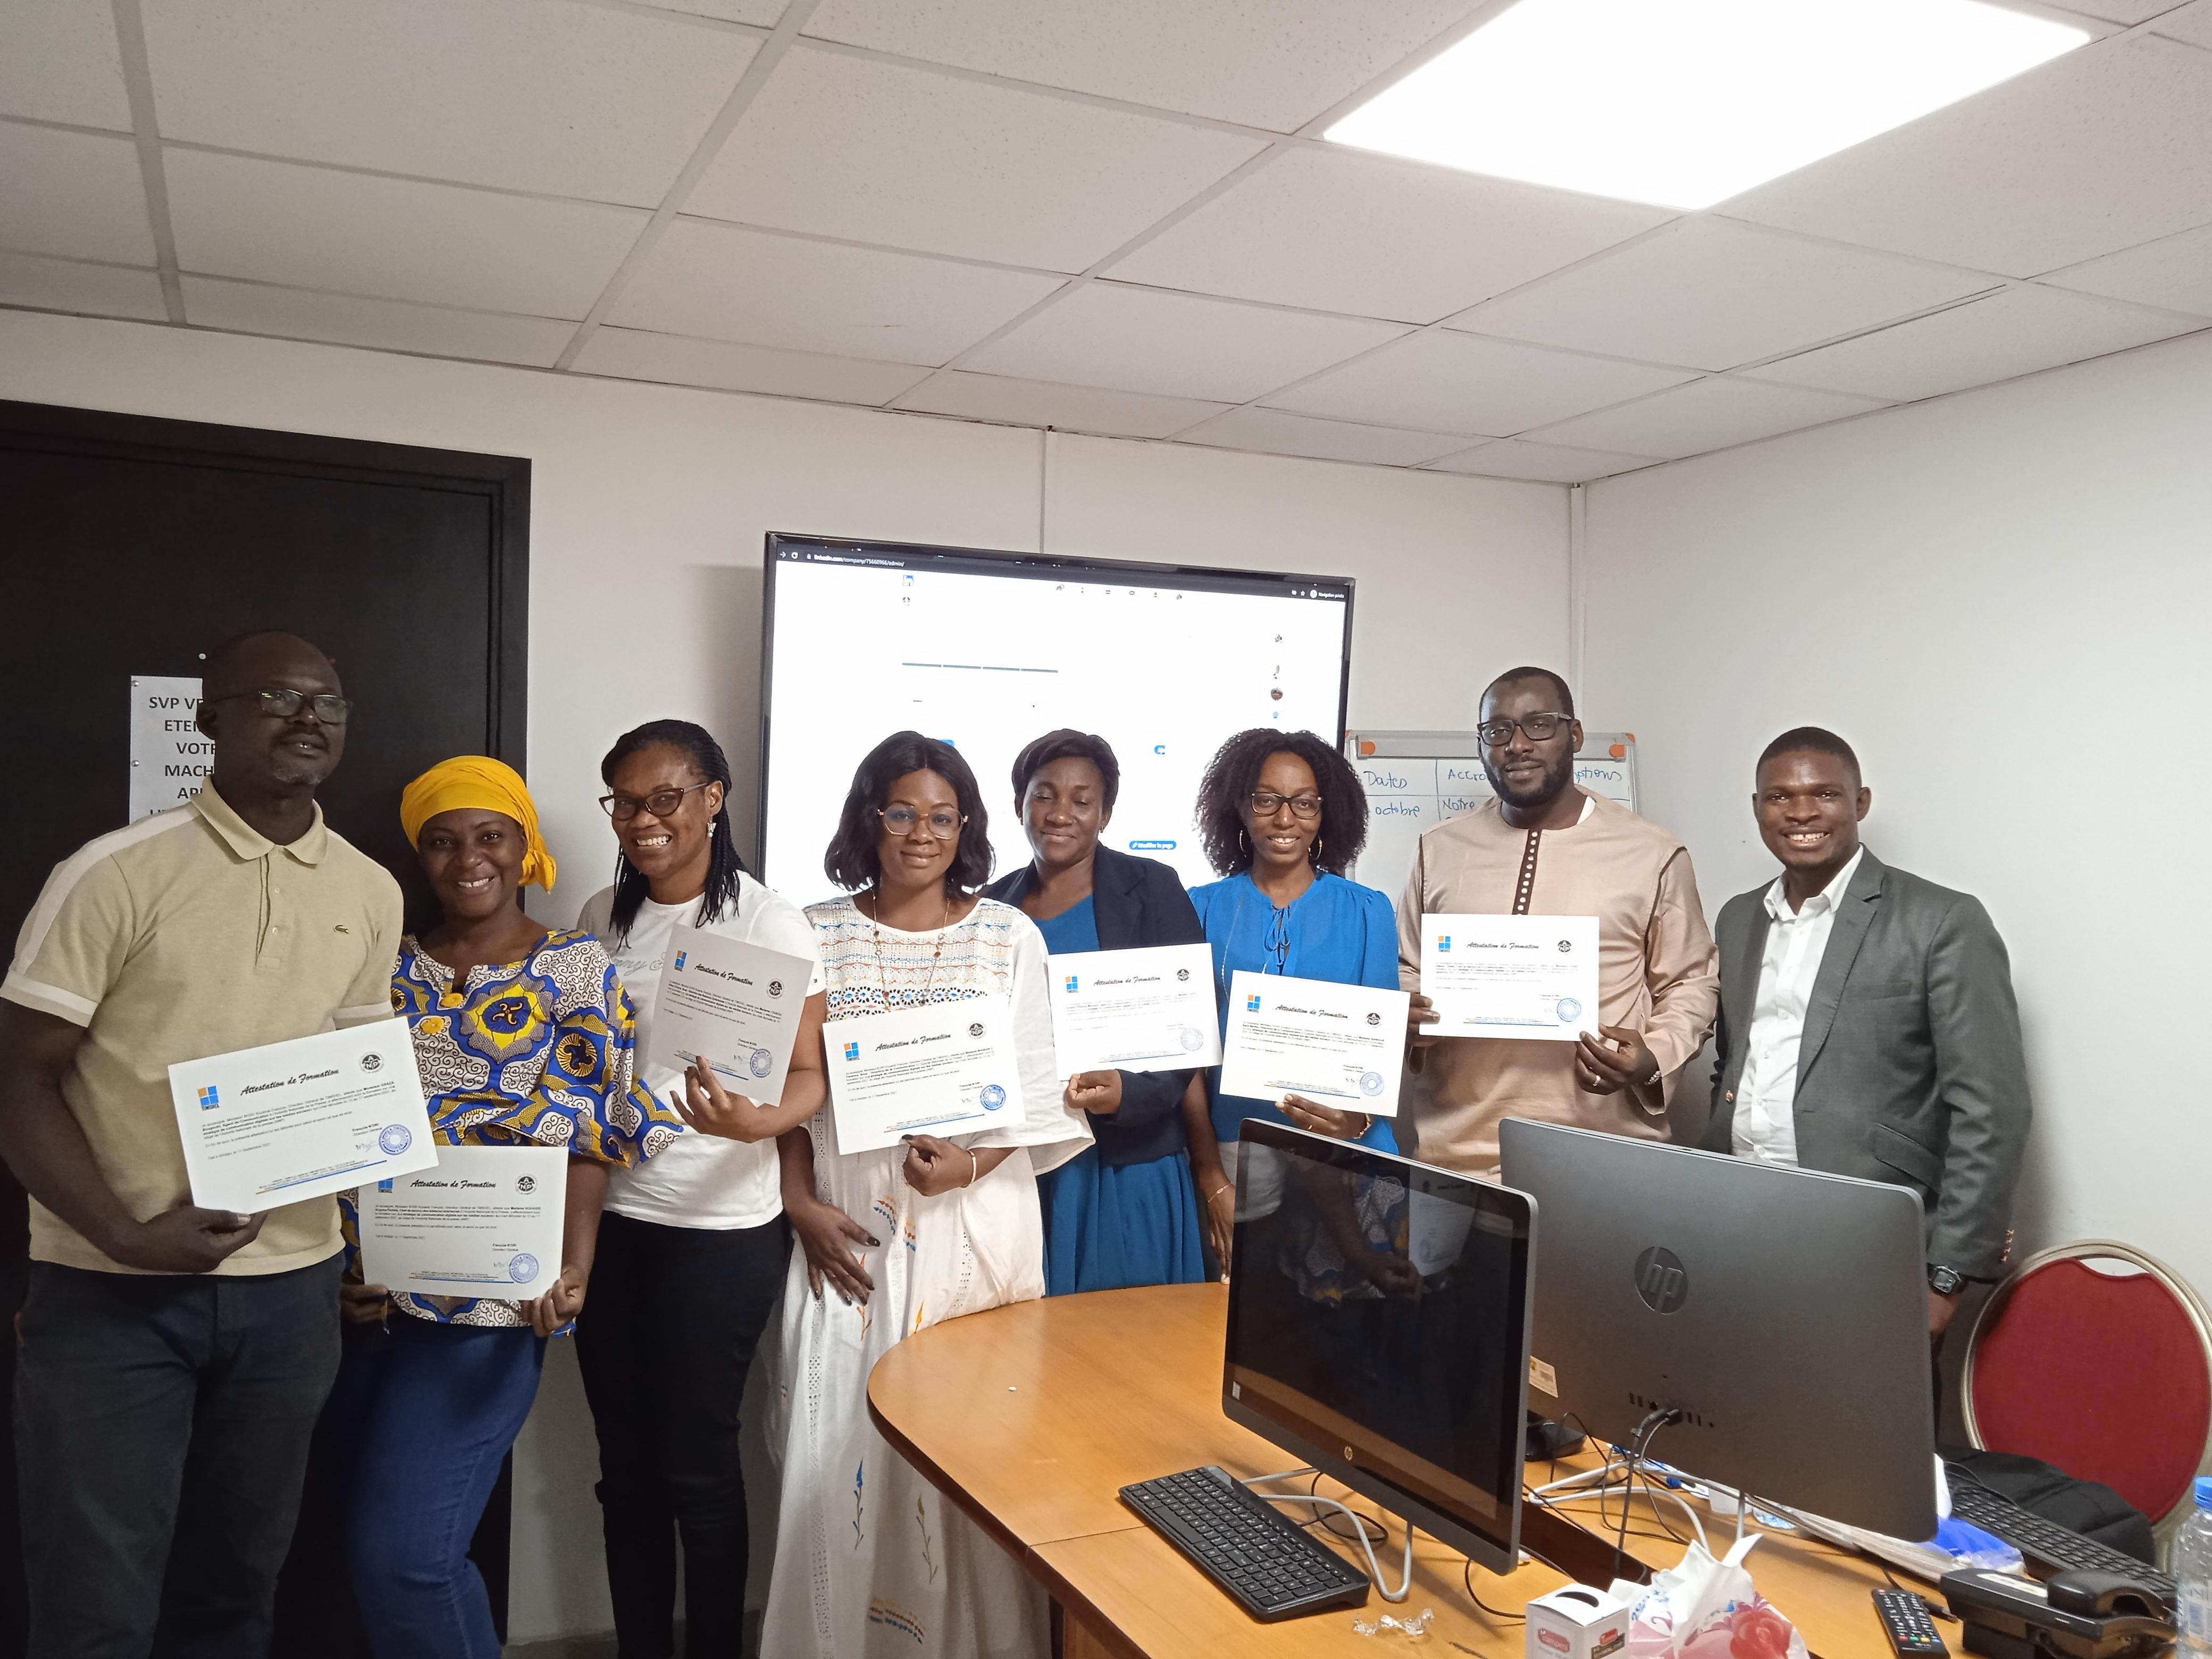 03 jours de formation intensive en marketing digital dispensée à l'Autorité Nationale de la Presse – ANP